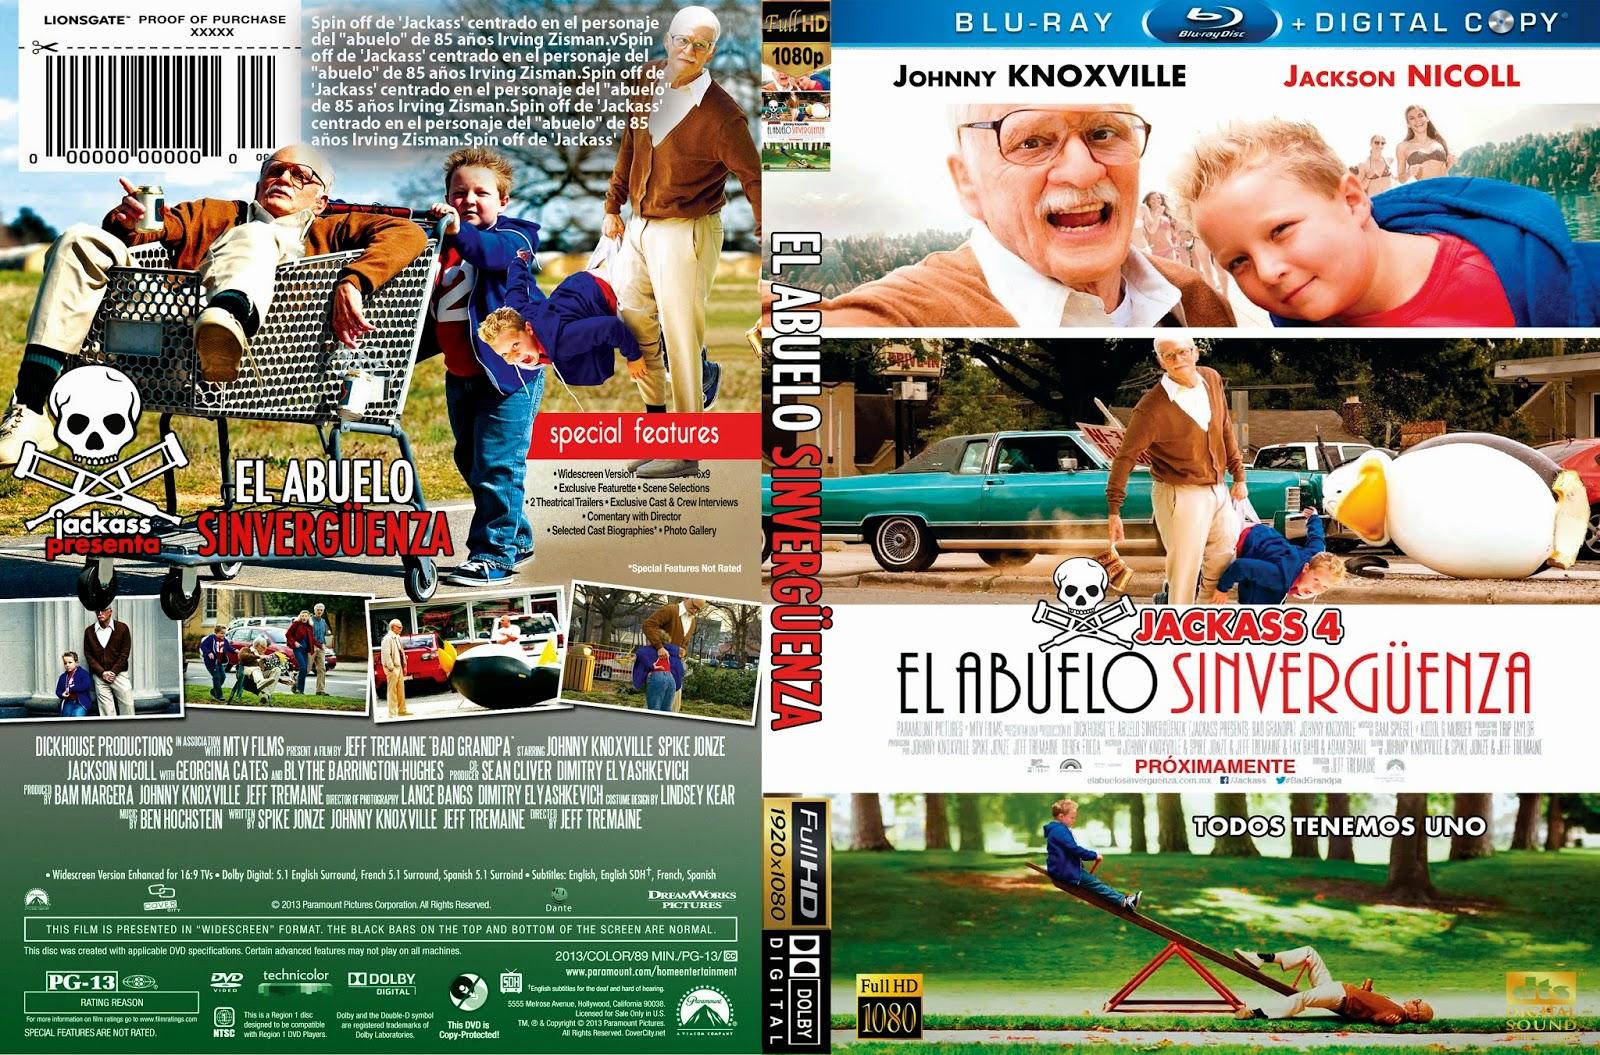 el+abuelo+sin+verguenza++Bad+Grandpa El Abuelo Sinverguenza [BrRip 720p] [Latino]